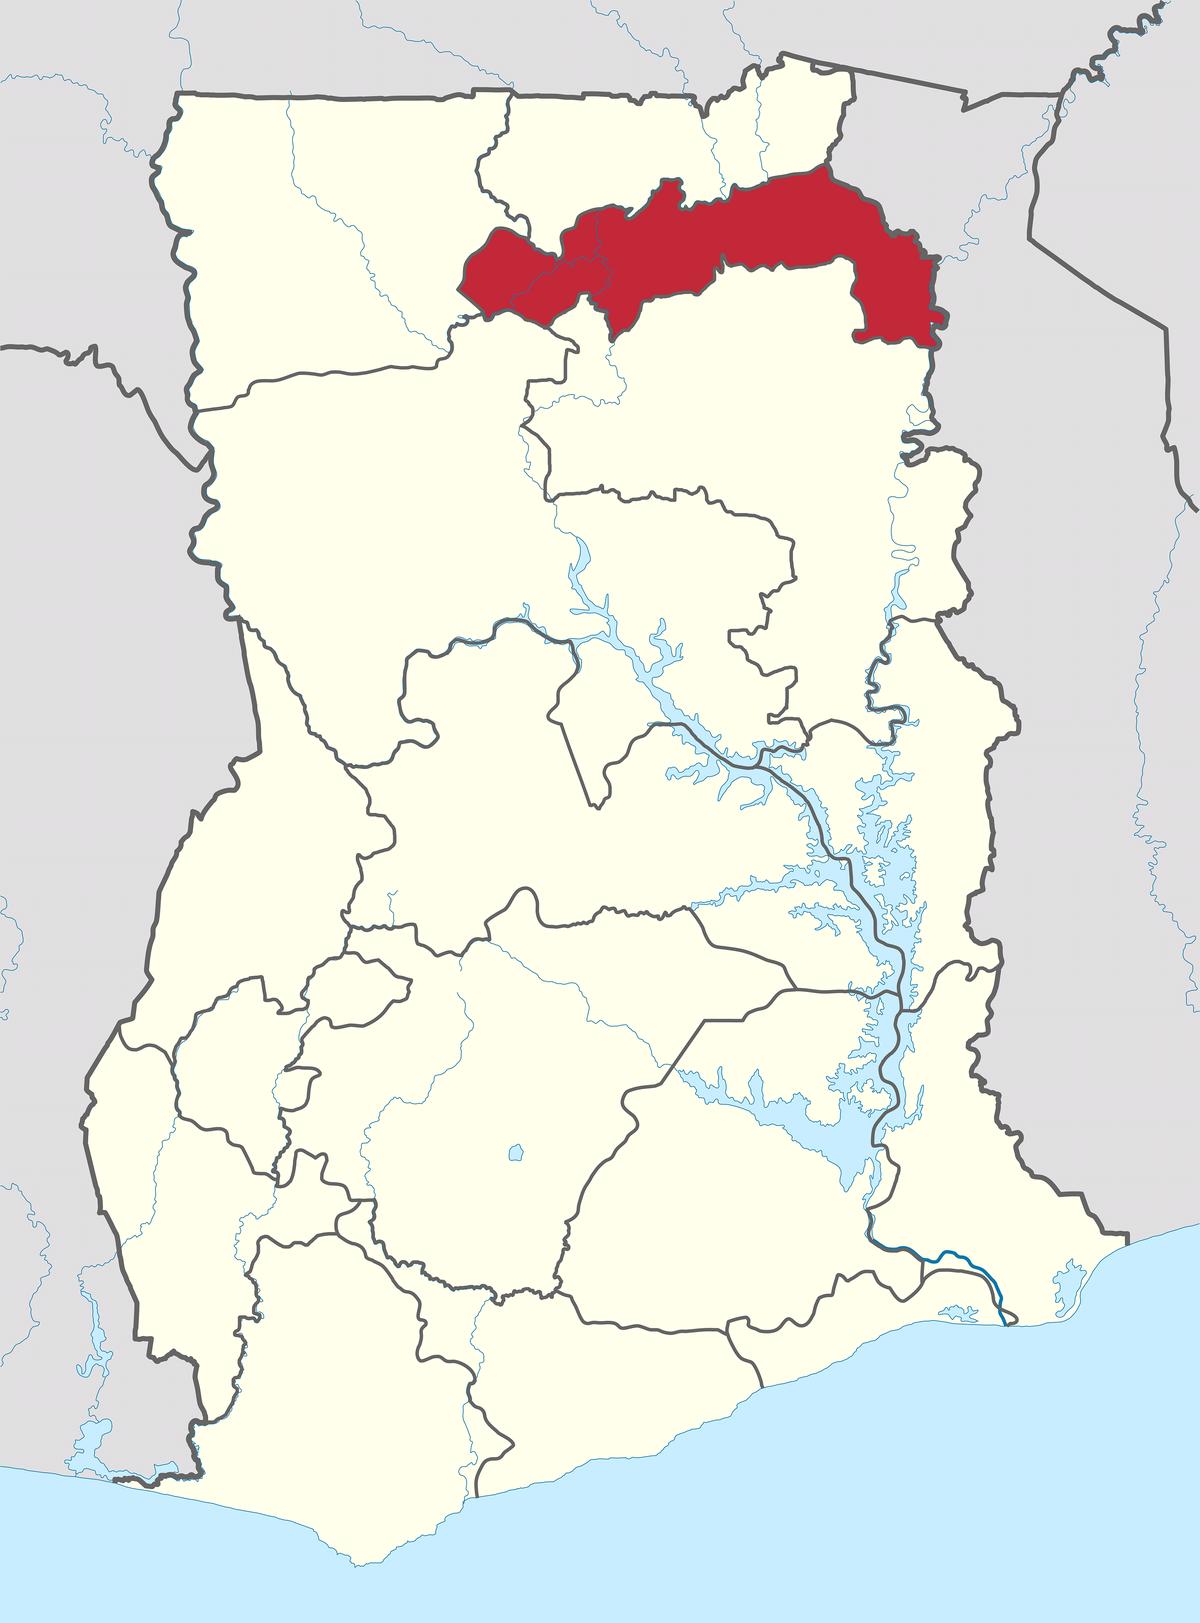 North East Region, Ghana - Wikipedia on ↗  id=57601